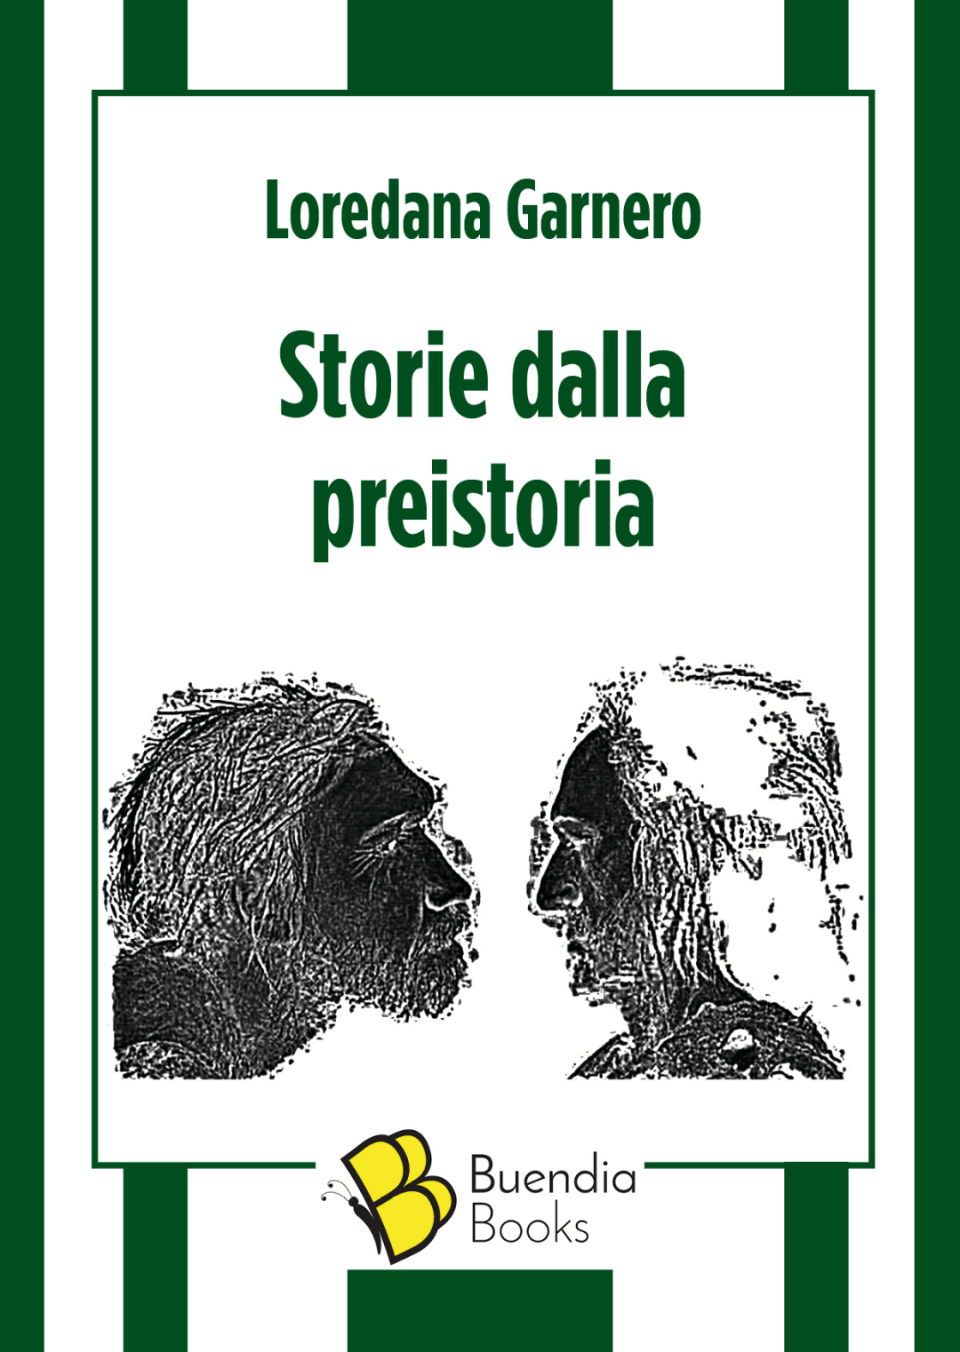 Storie dalla preistoria Book Cover